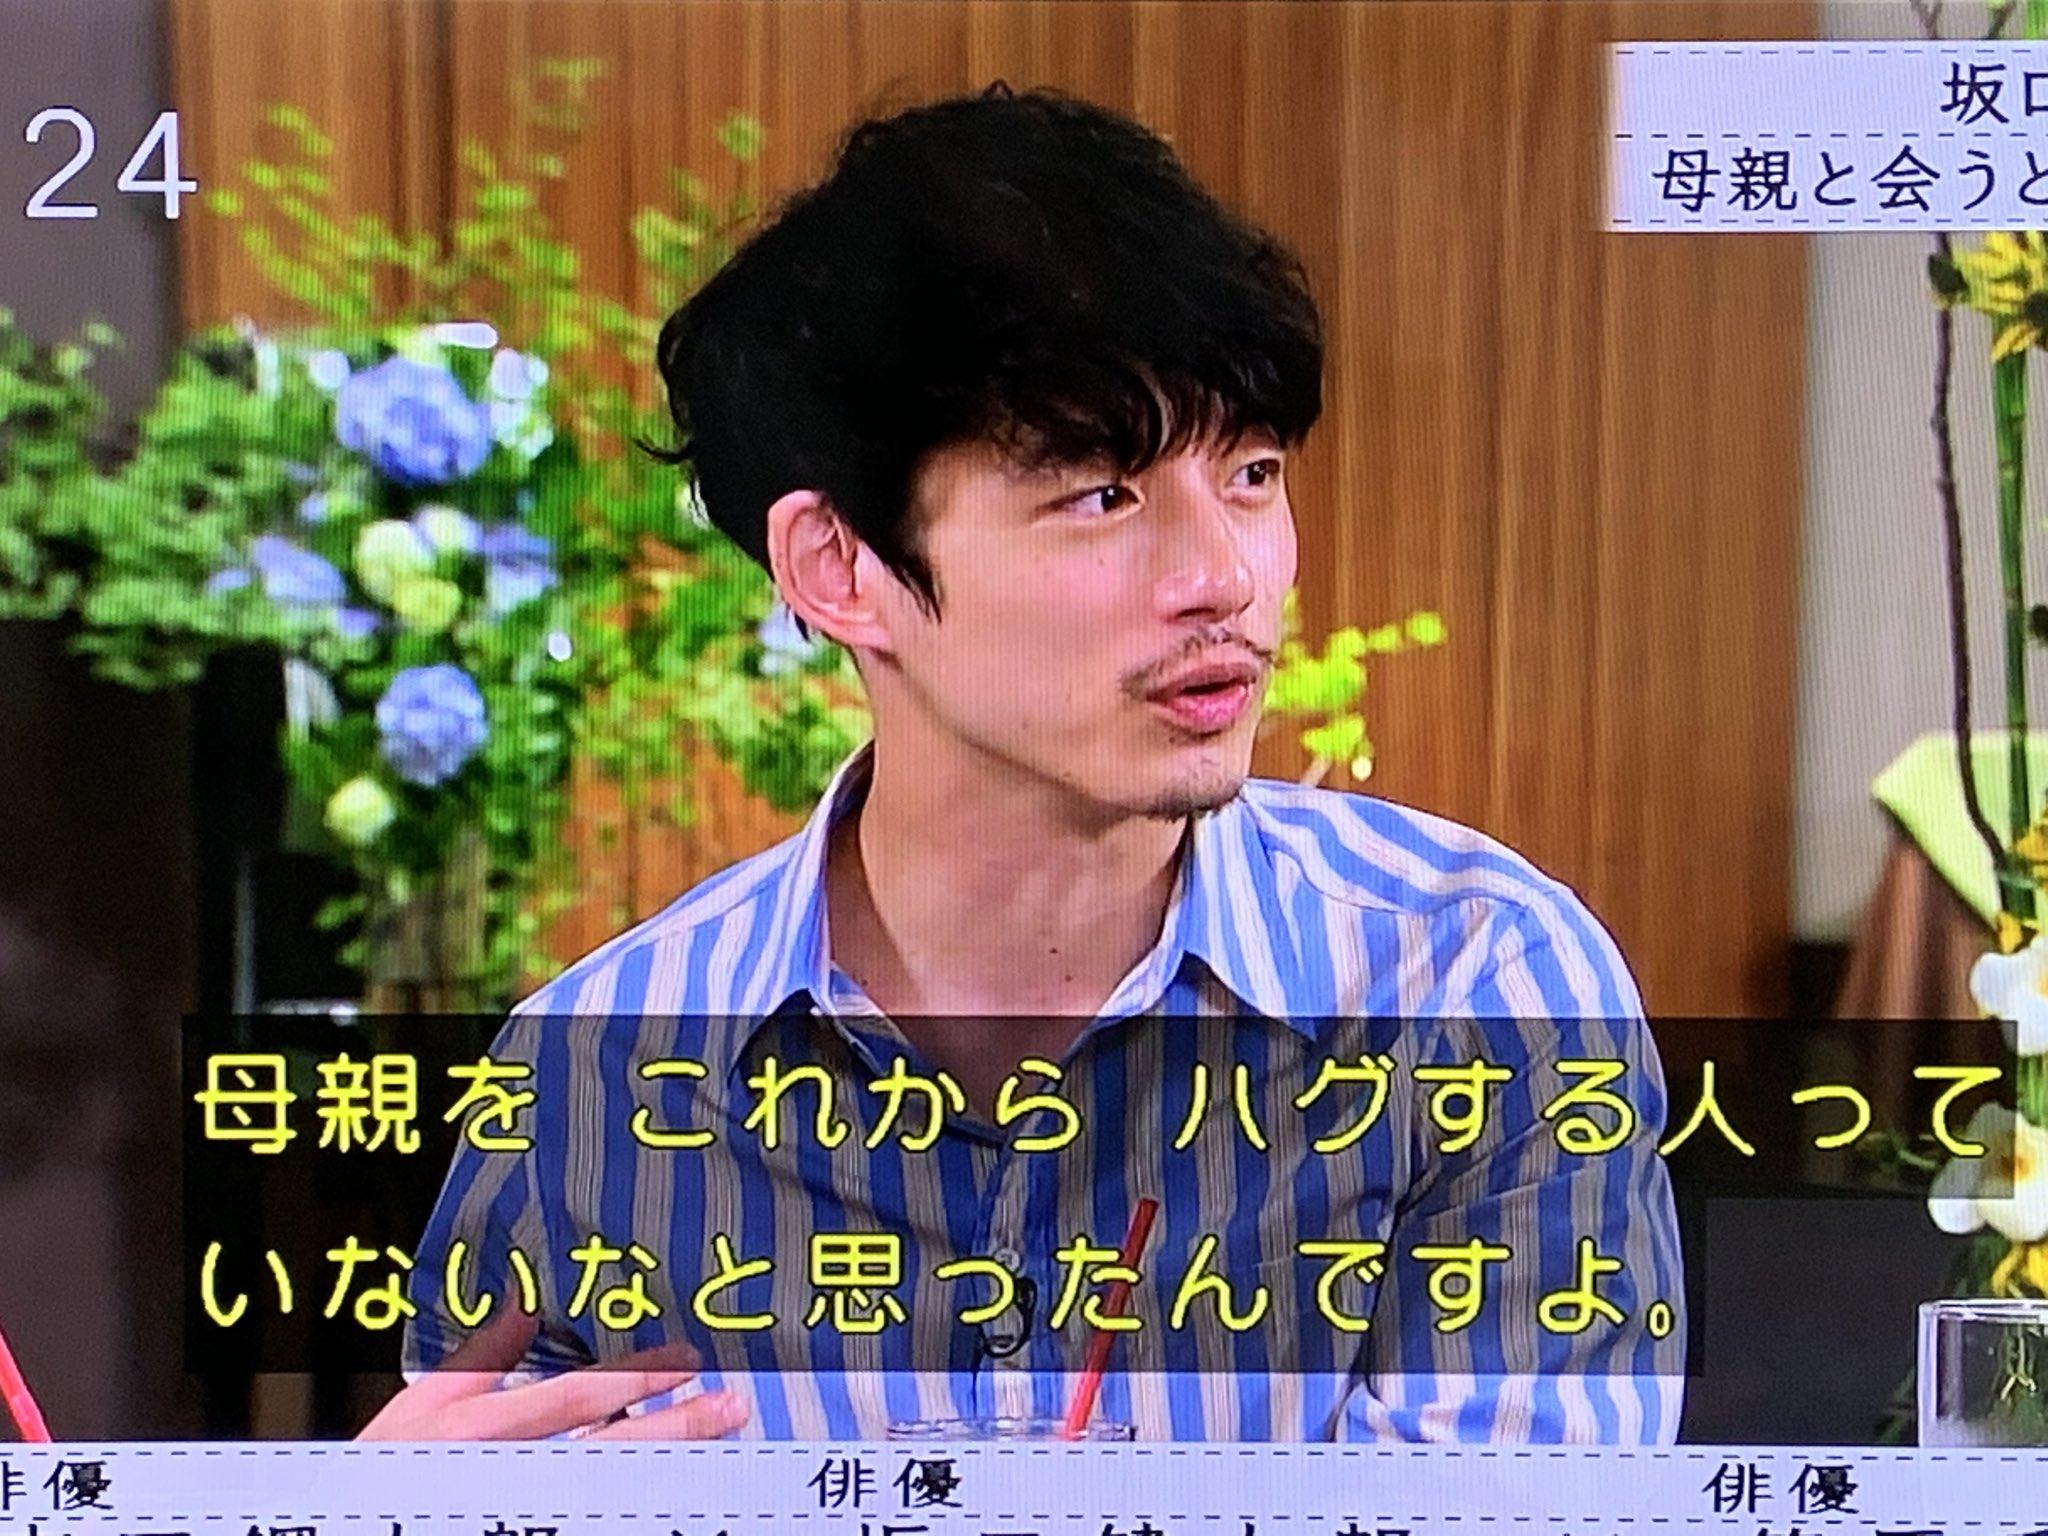 坂口健太郎が母親と会ったらハグをする理由は?その理由が感動的!